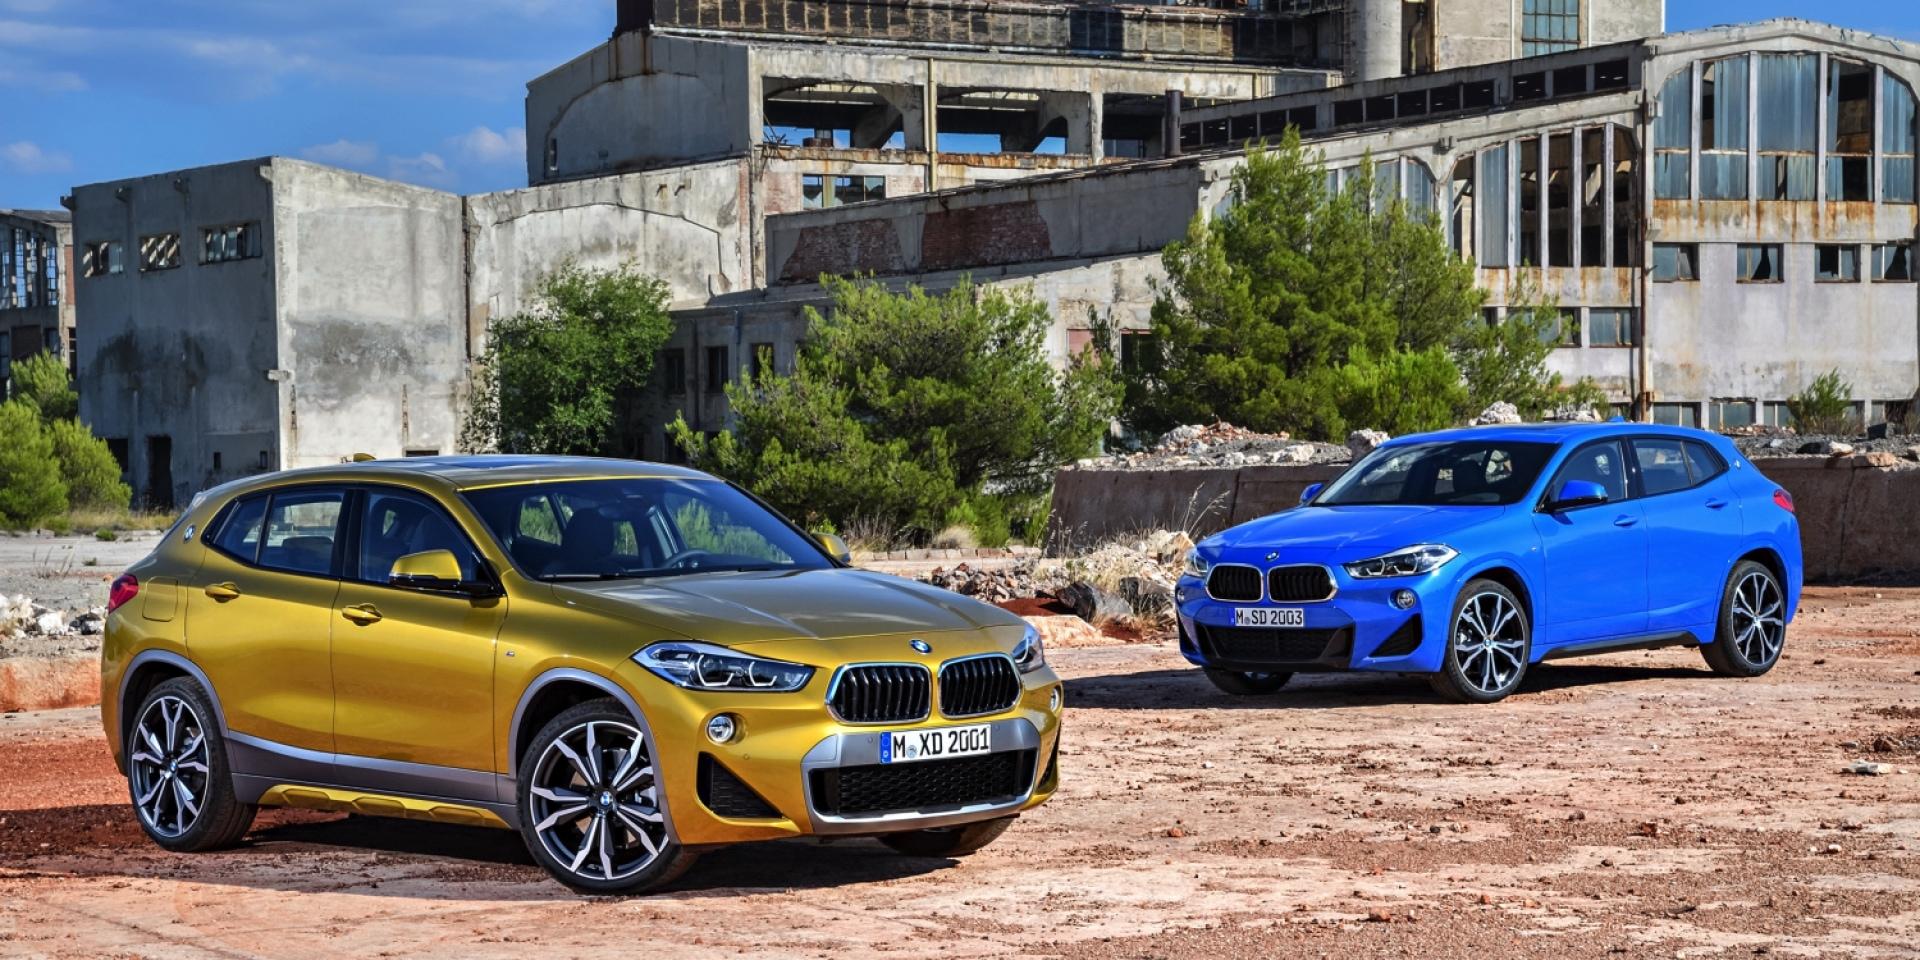 豪華跨界勢力來襲,BMW X2閃耀登場